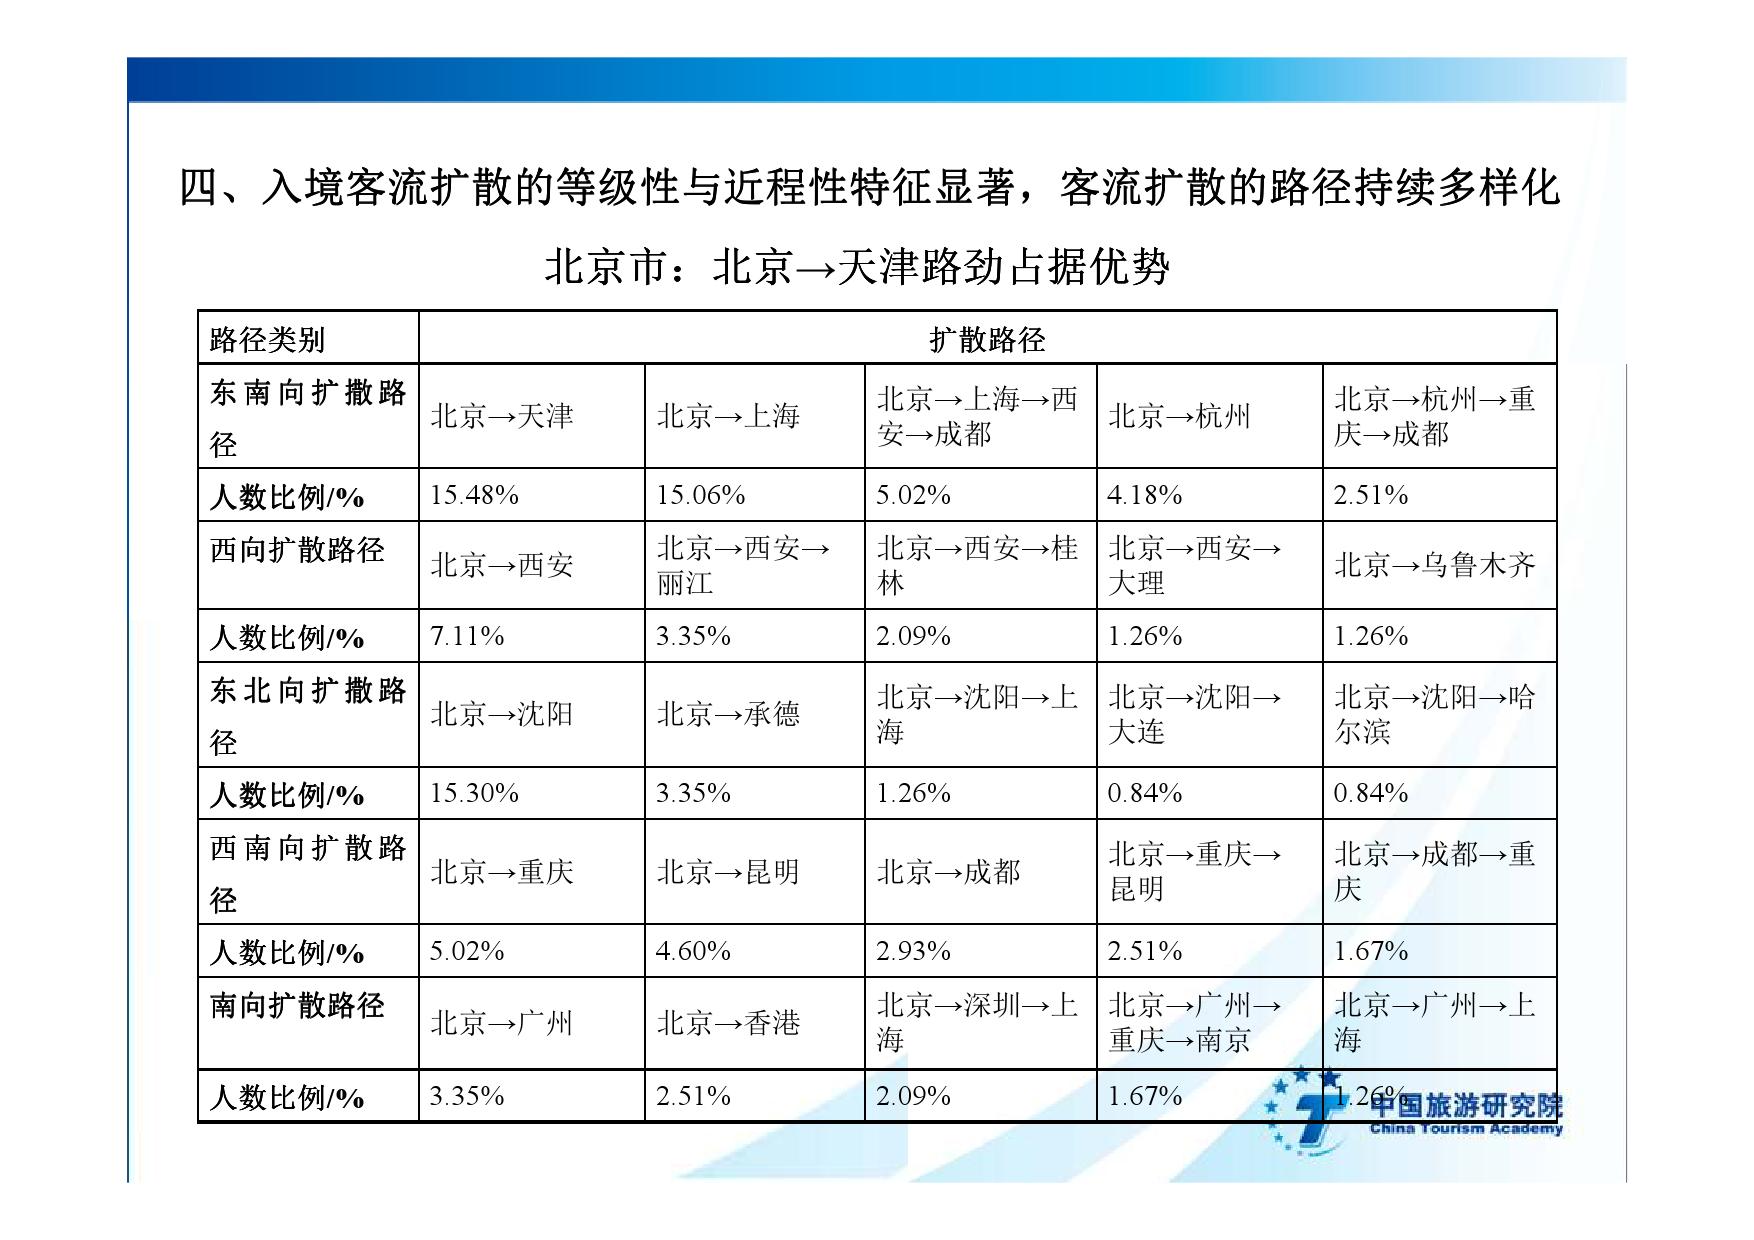 2016中国入境旅游发展年度报告_000028